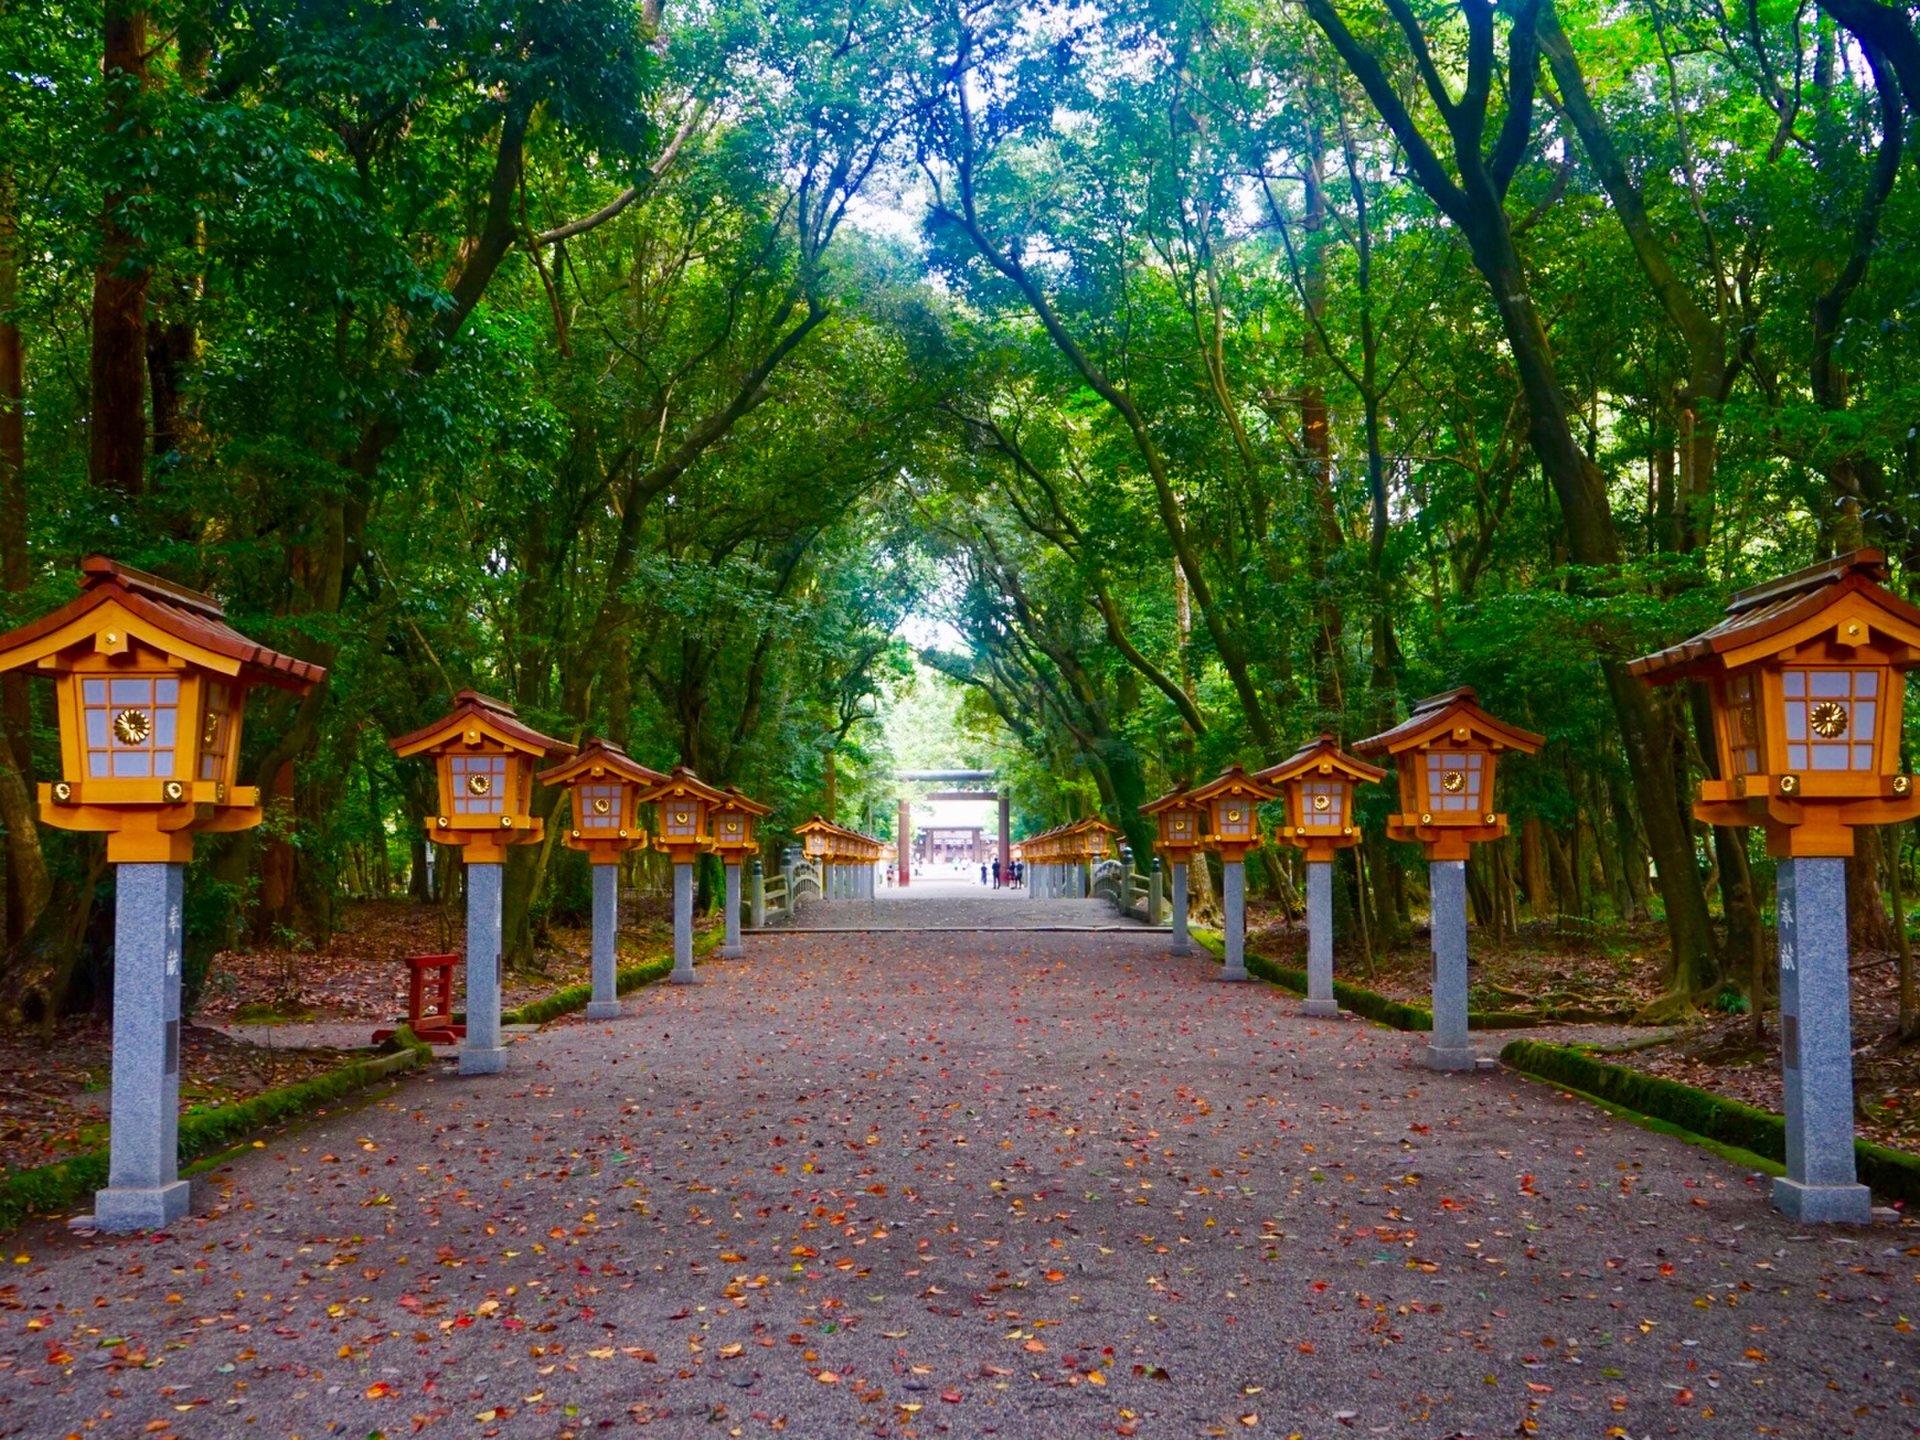 宮崎旅行の最終日は絶対ここ 宮崎神宮へ行った後は宮崎駅でチキン南蛮